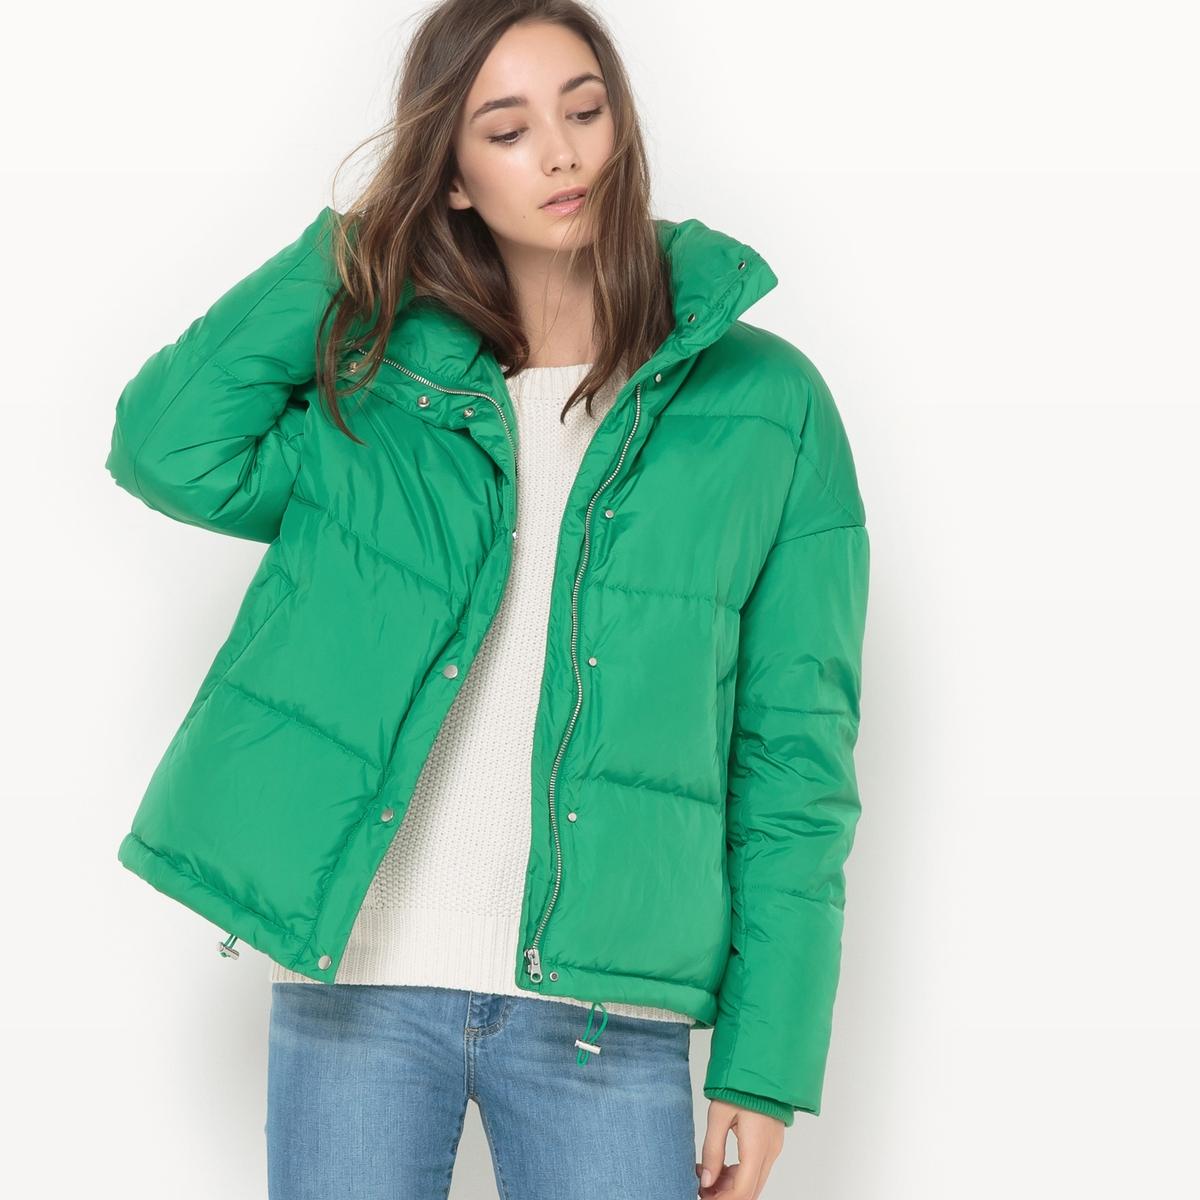 Куртка стеганая оверсайзСтеганая куртка. Покрой оверсайз. Капюшон. Застежка на молнию. 2 кармана по бокам. Состав и описание Материал верха : 100% полиэстер - Подкладка 100% полиэстерНаполнитель : 70% пуха, 30% пераДлина : 64 смМарка : R essentielУходМашинная стирка при 30 °C Машинная сушка запрещенаНе гладить<br><br>Цвет: зеленый<br>Размер: 42 (FR) - 48 (RUS).40 (FR) - 46 (RUS).38 (FR) - 44 (RUS)